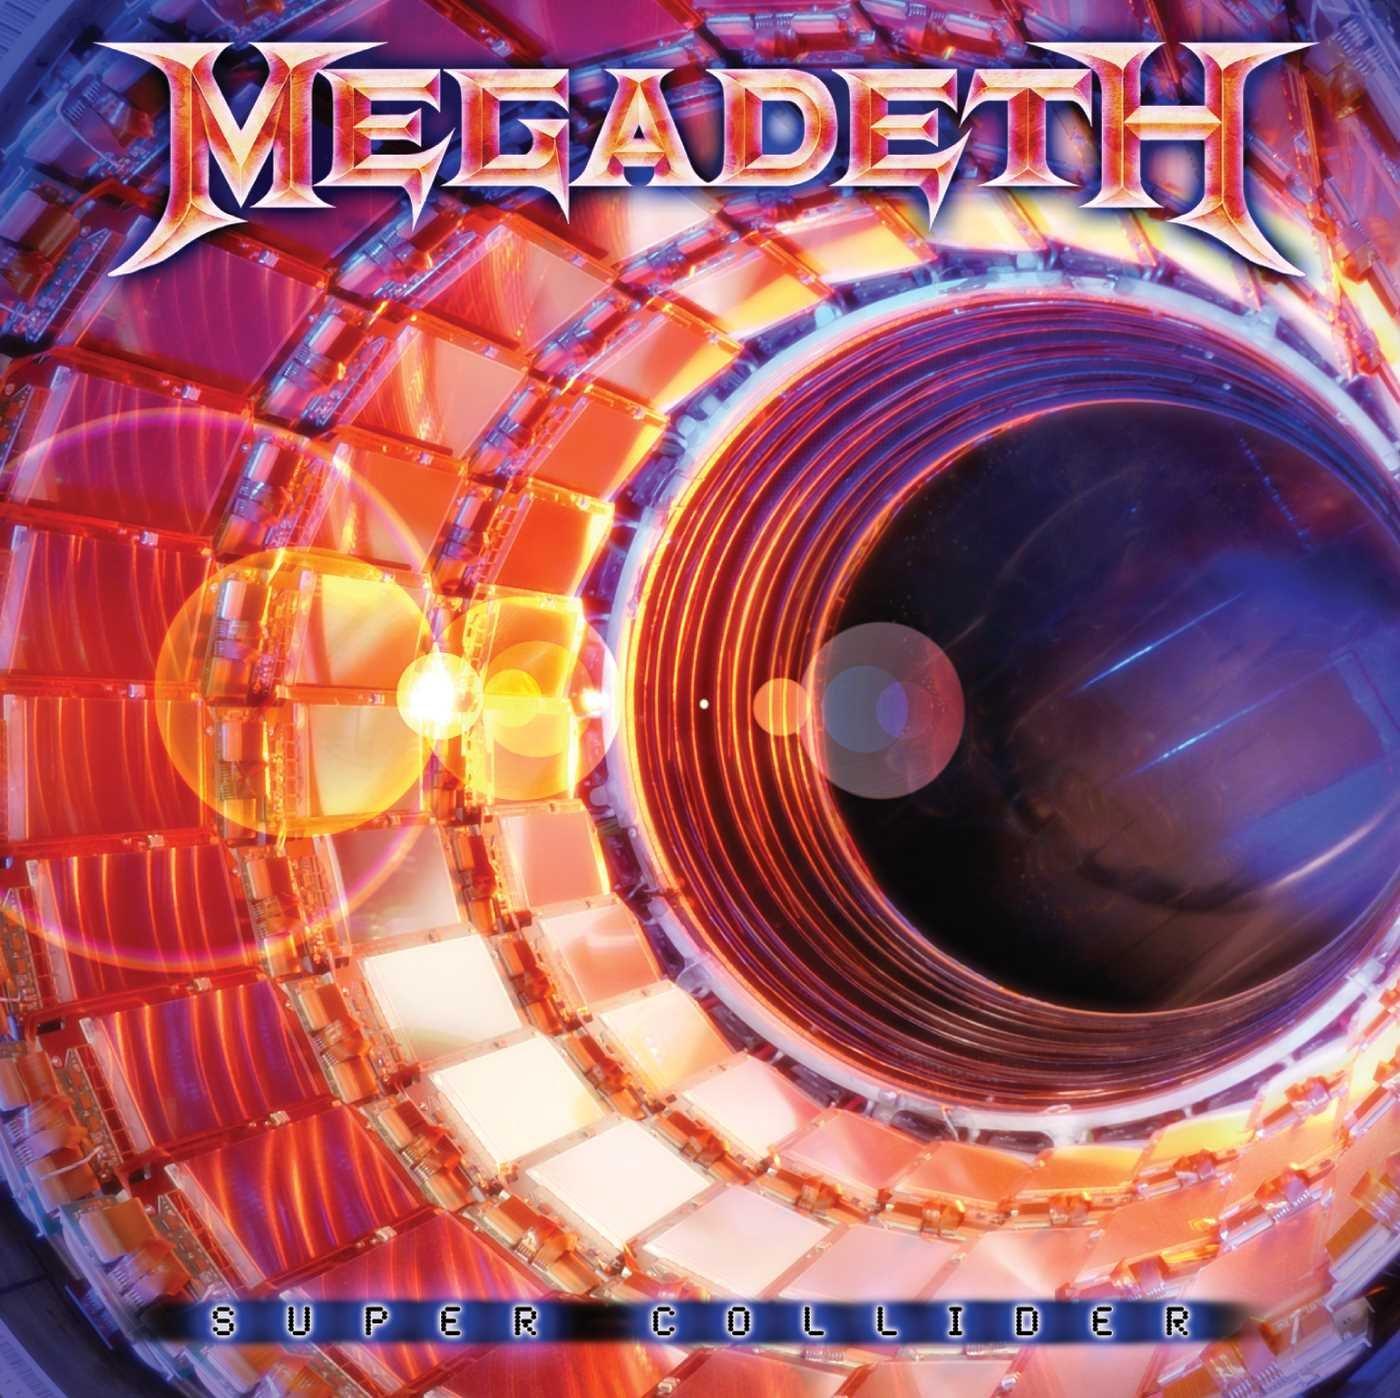 CD : Megadeth - Super Collider